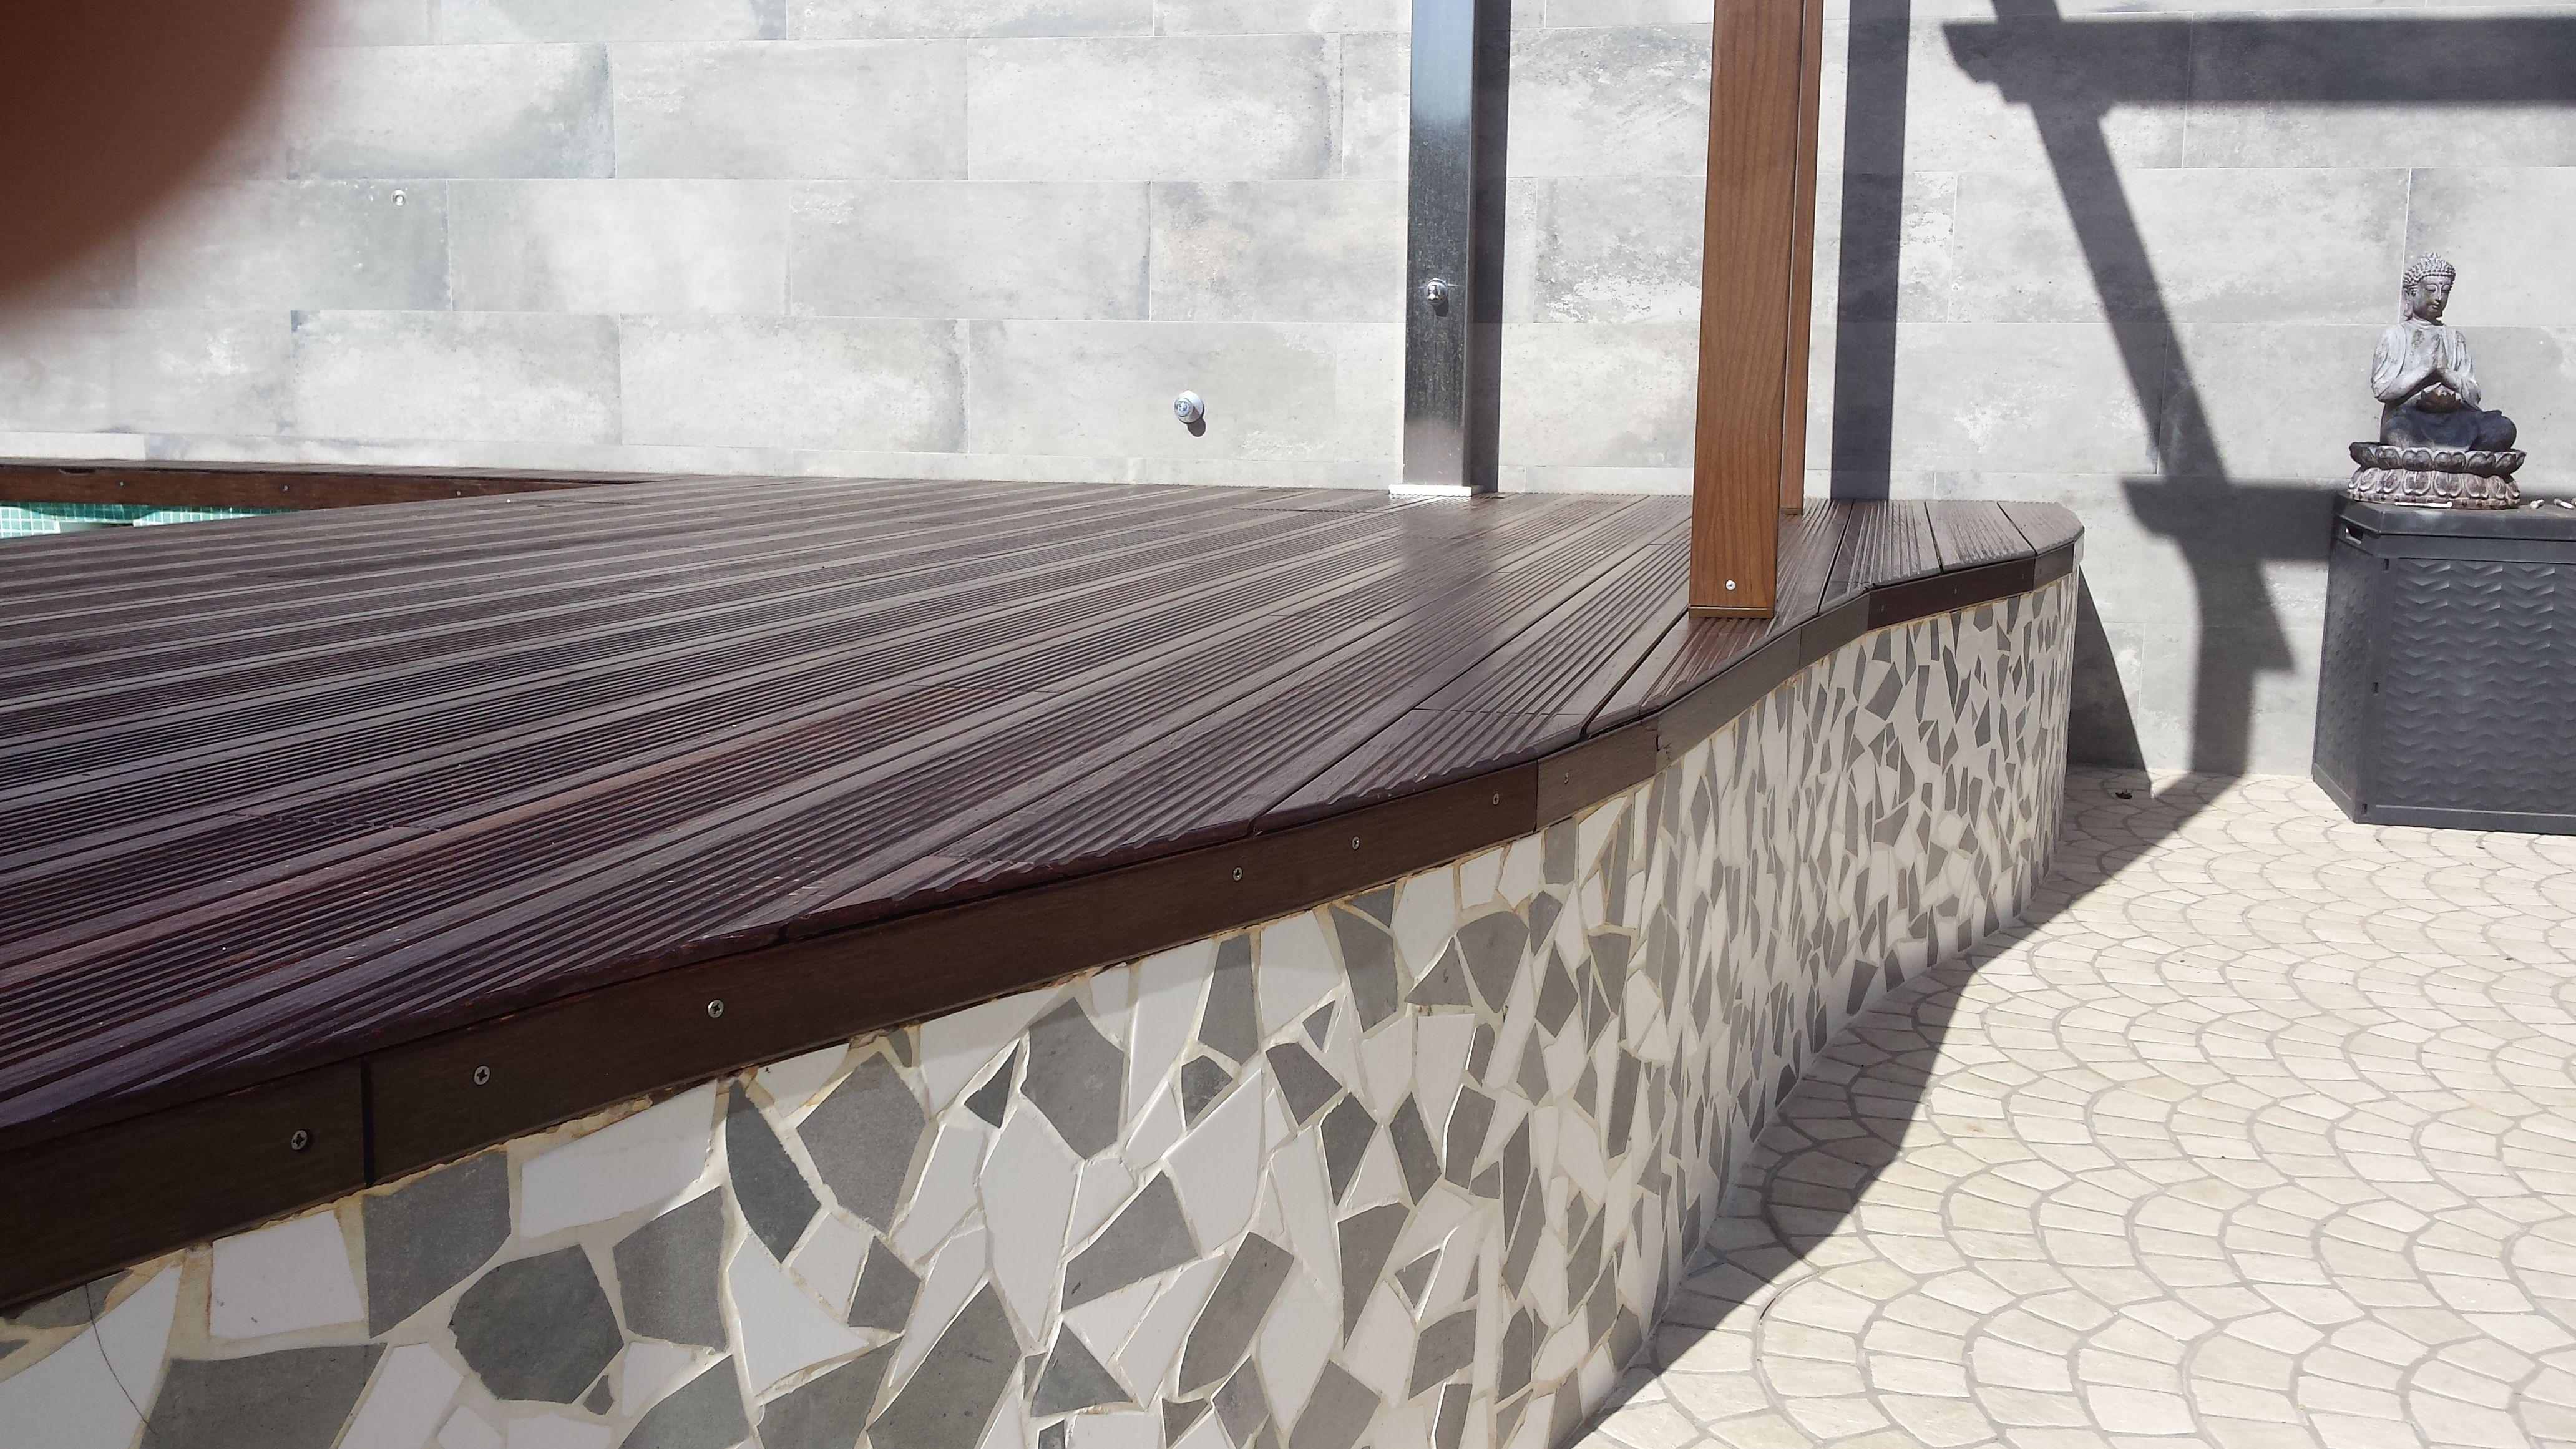 Diseño y construcción personalizado: Servicios de Construcciones y Estructuras Pérez- Saura, S. L.